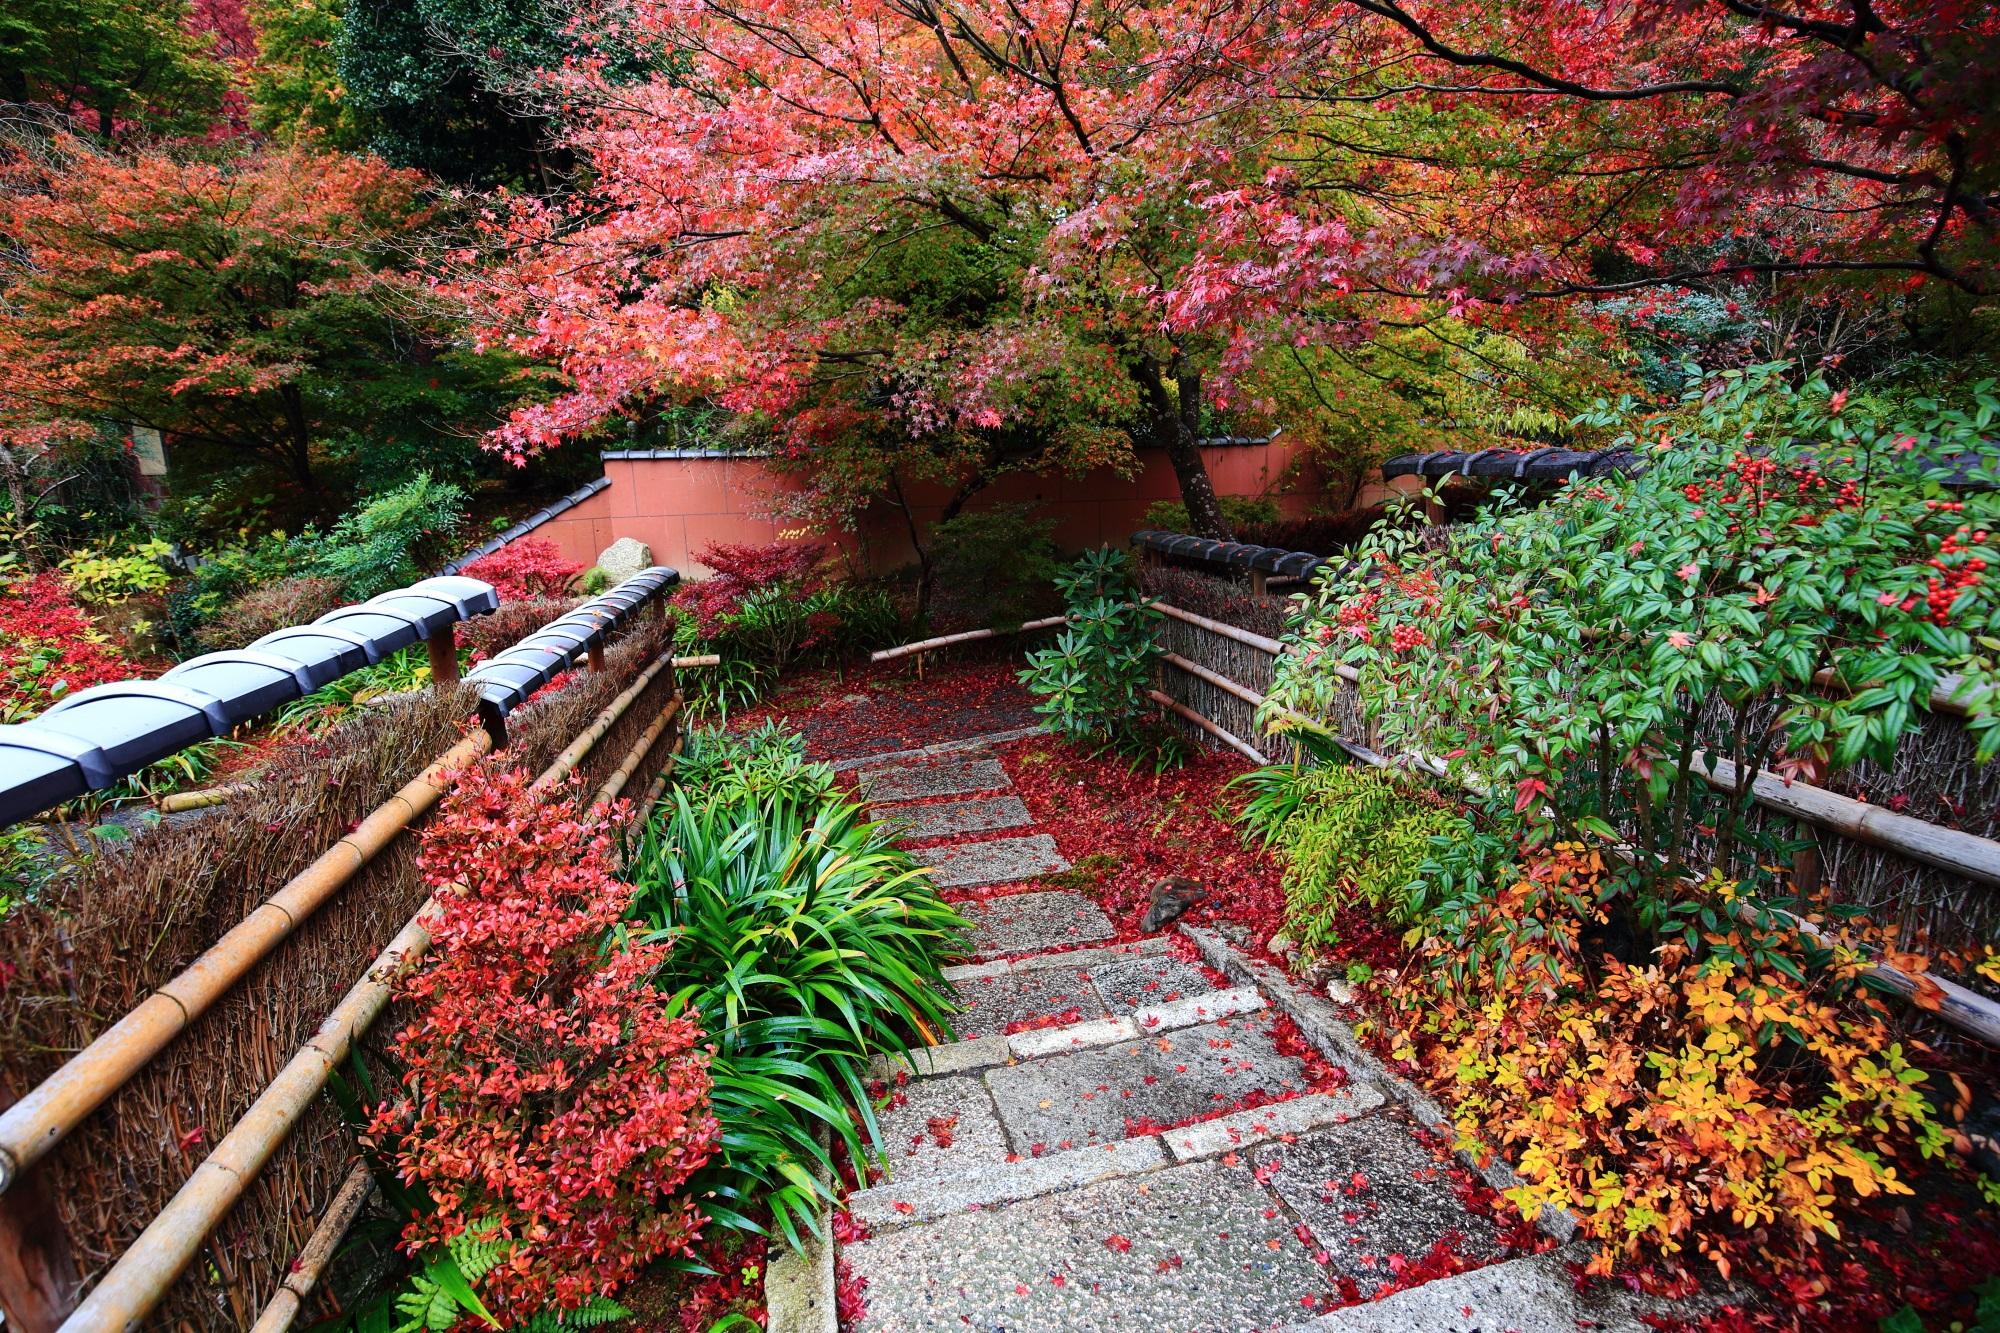 じきしあんの阿弥陀堂前の見ごろの優美な紅葉